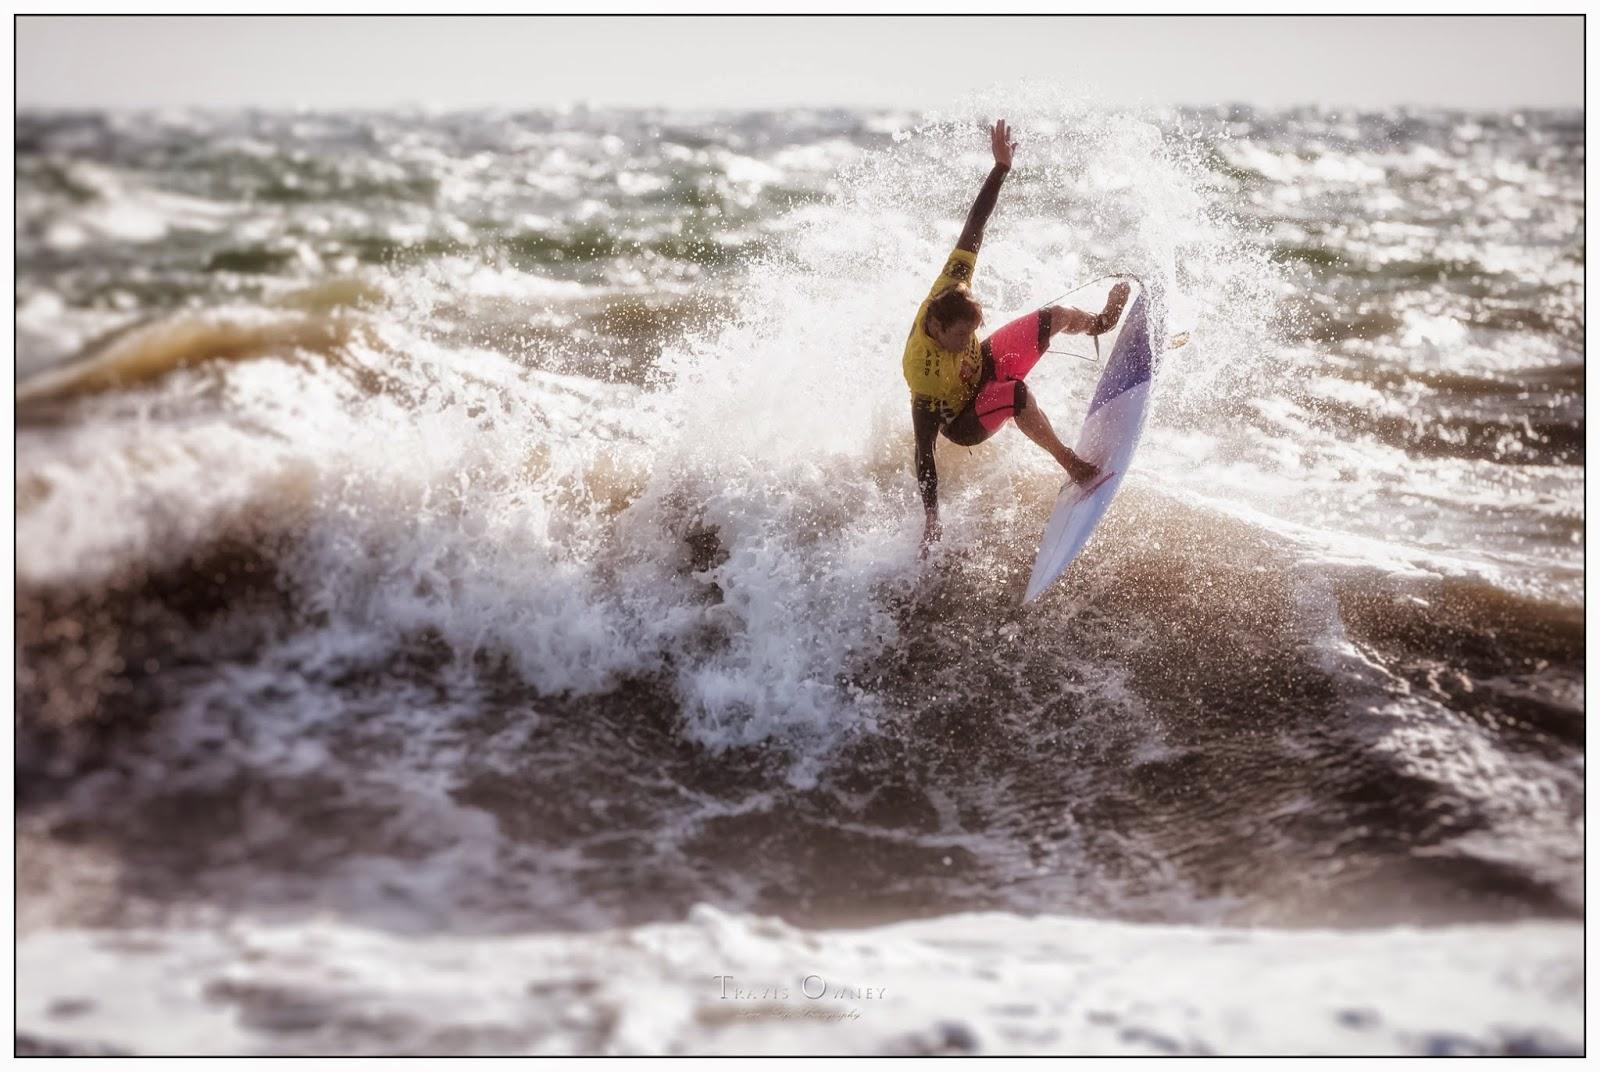 nike air max hommes posite bakin de démarrage - Travis Owney Photography